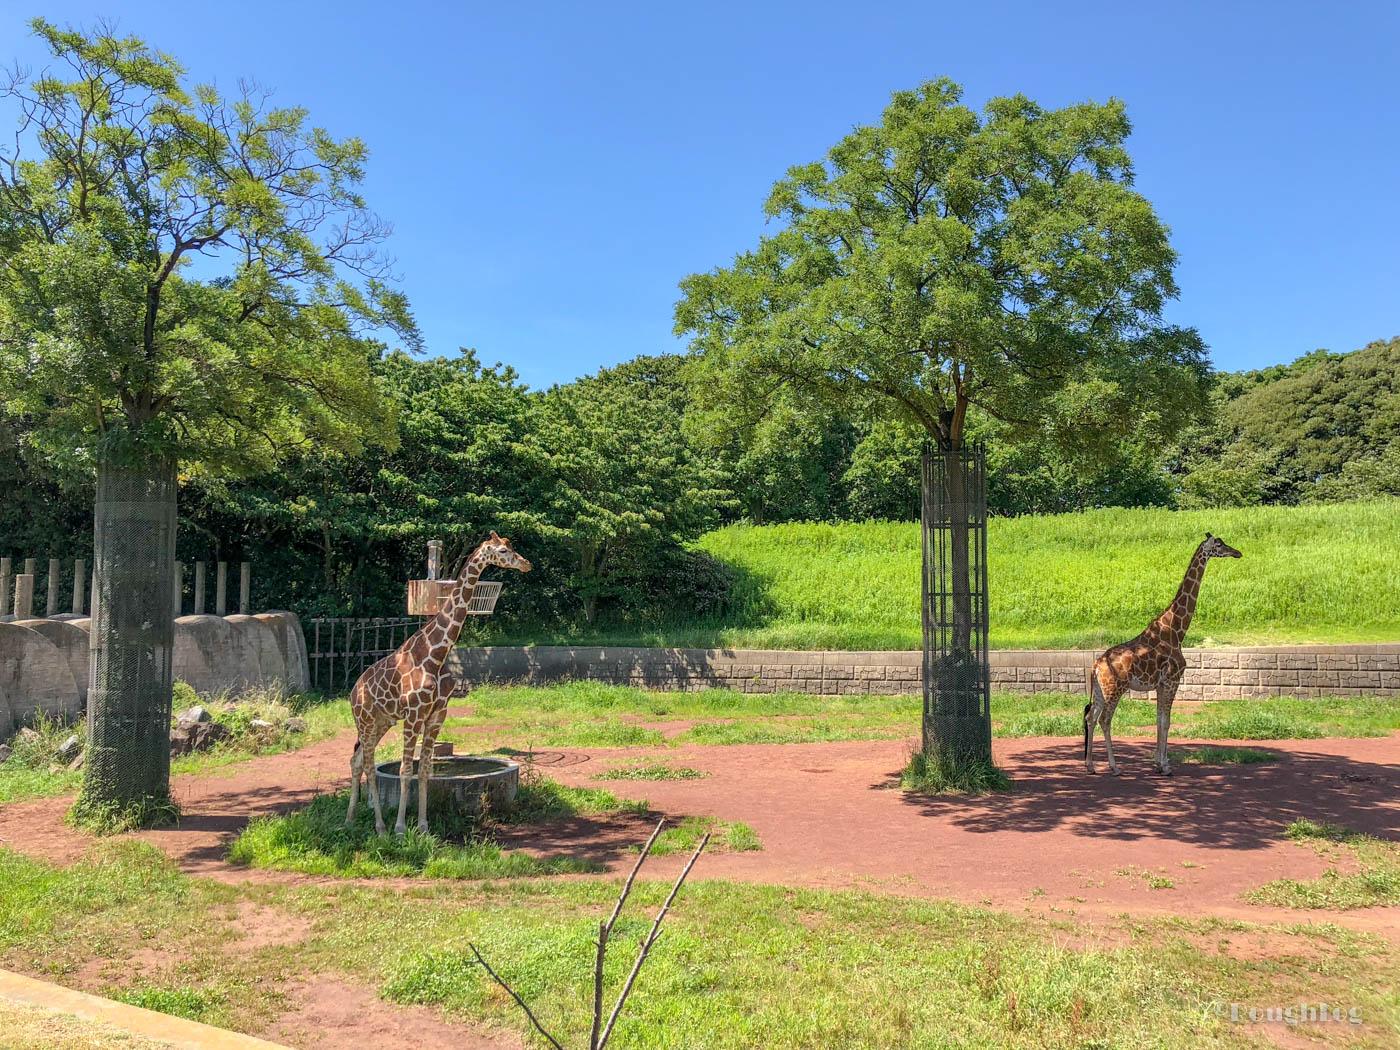 千葉市動物公園の草原ゾーンにいるキリン